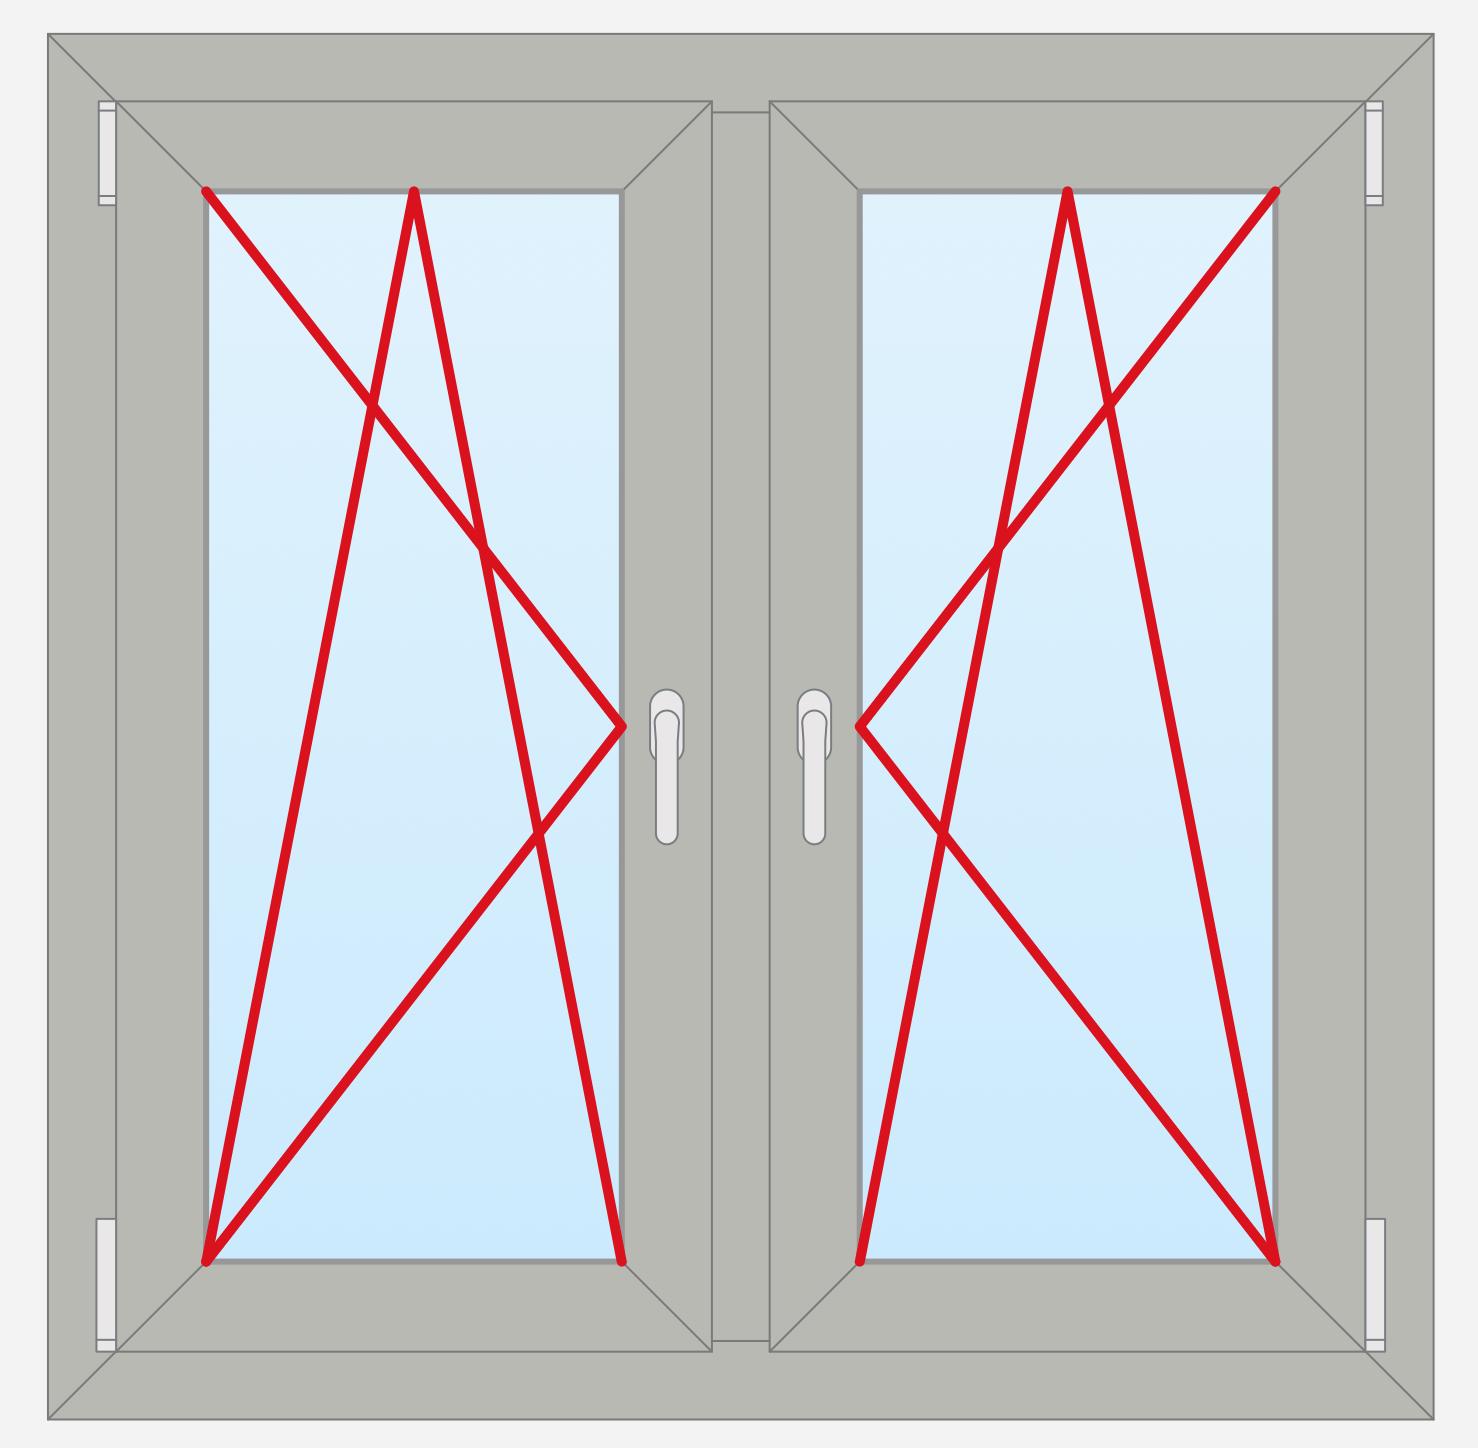 2 Panels Inside